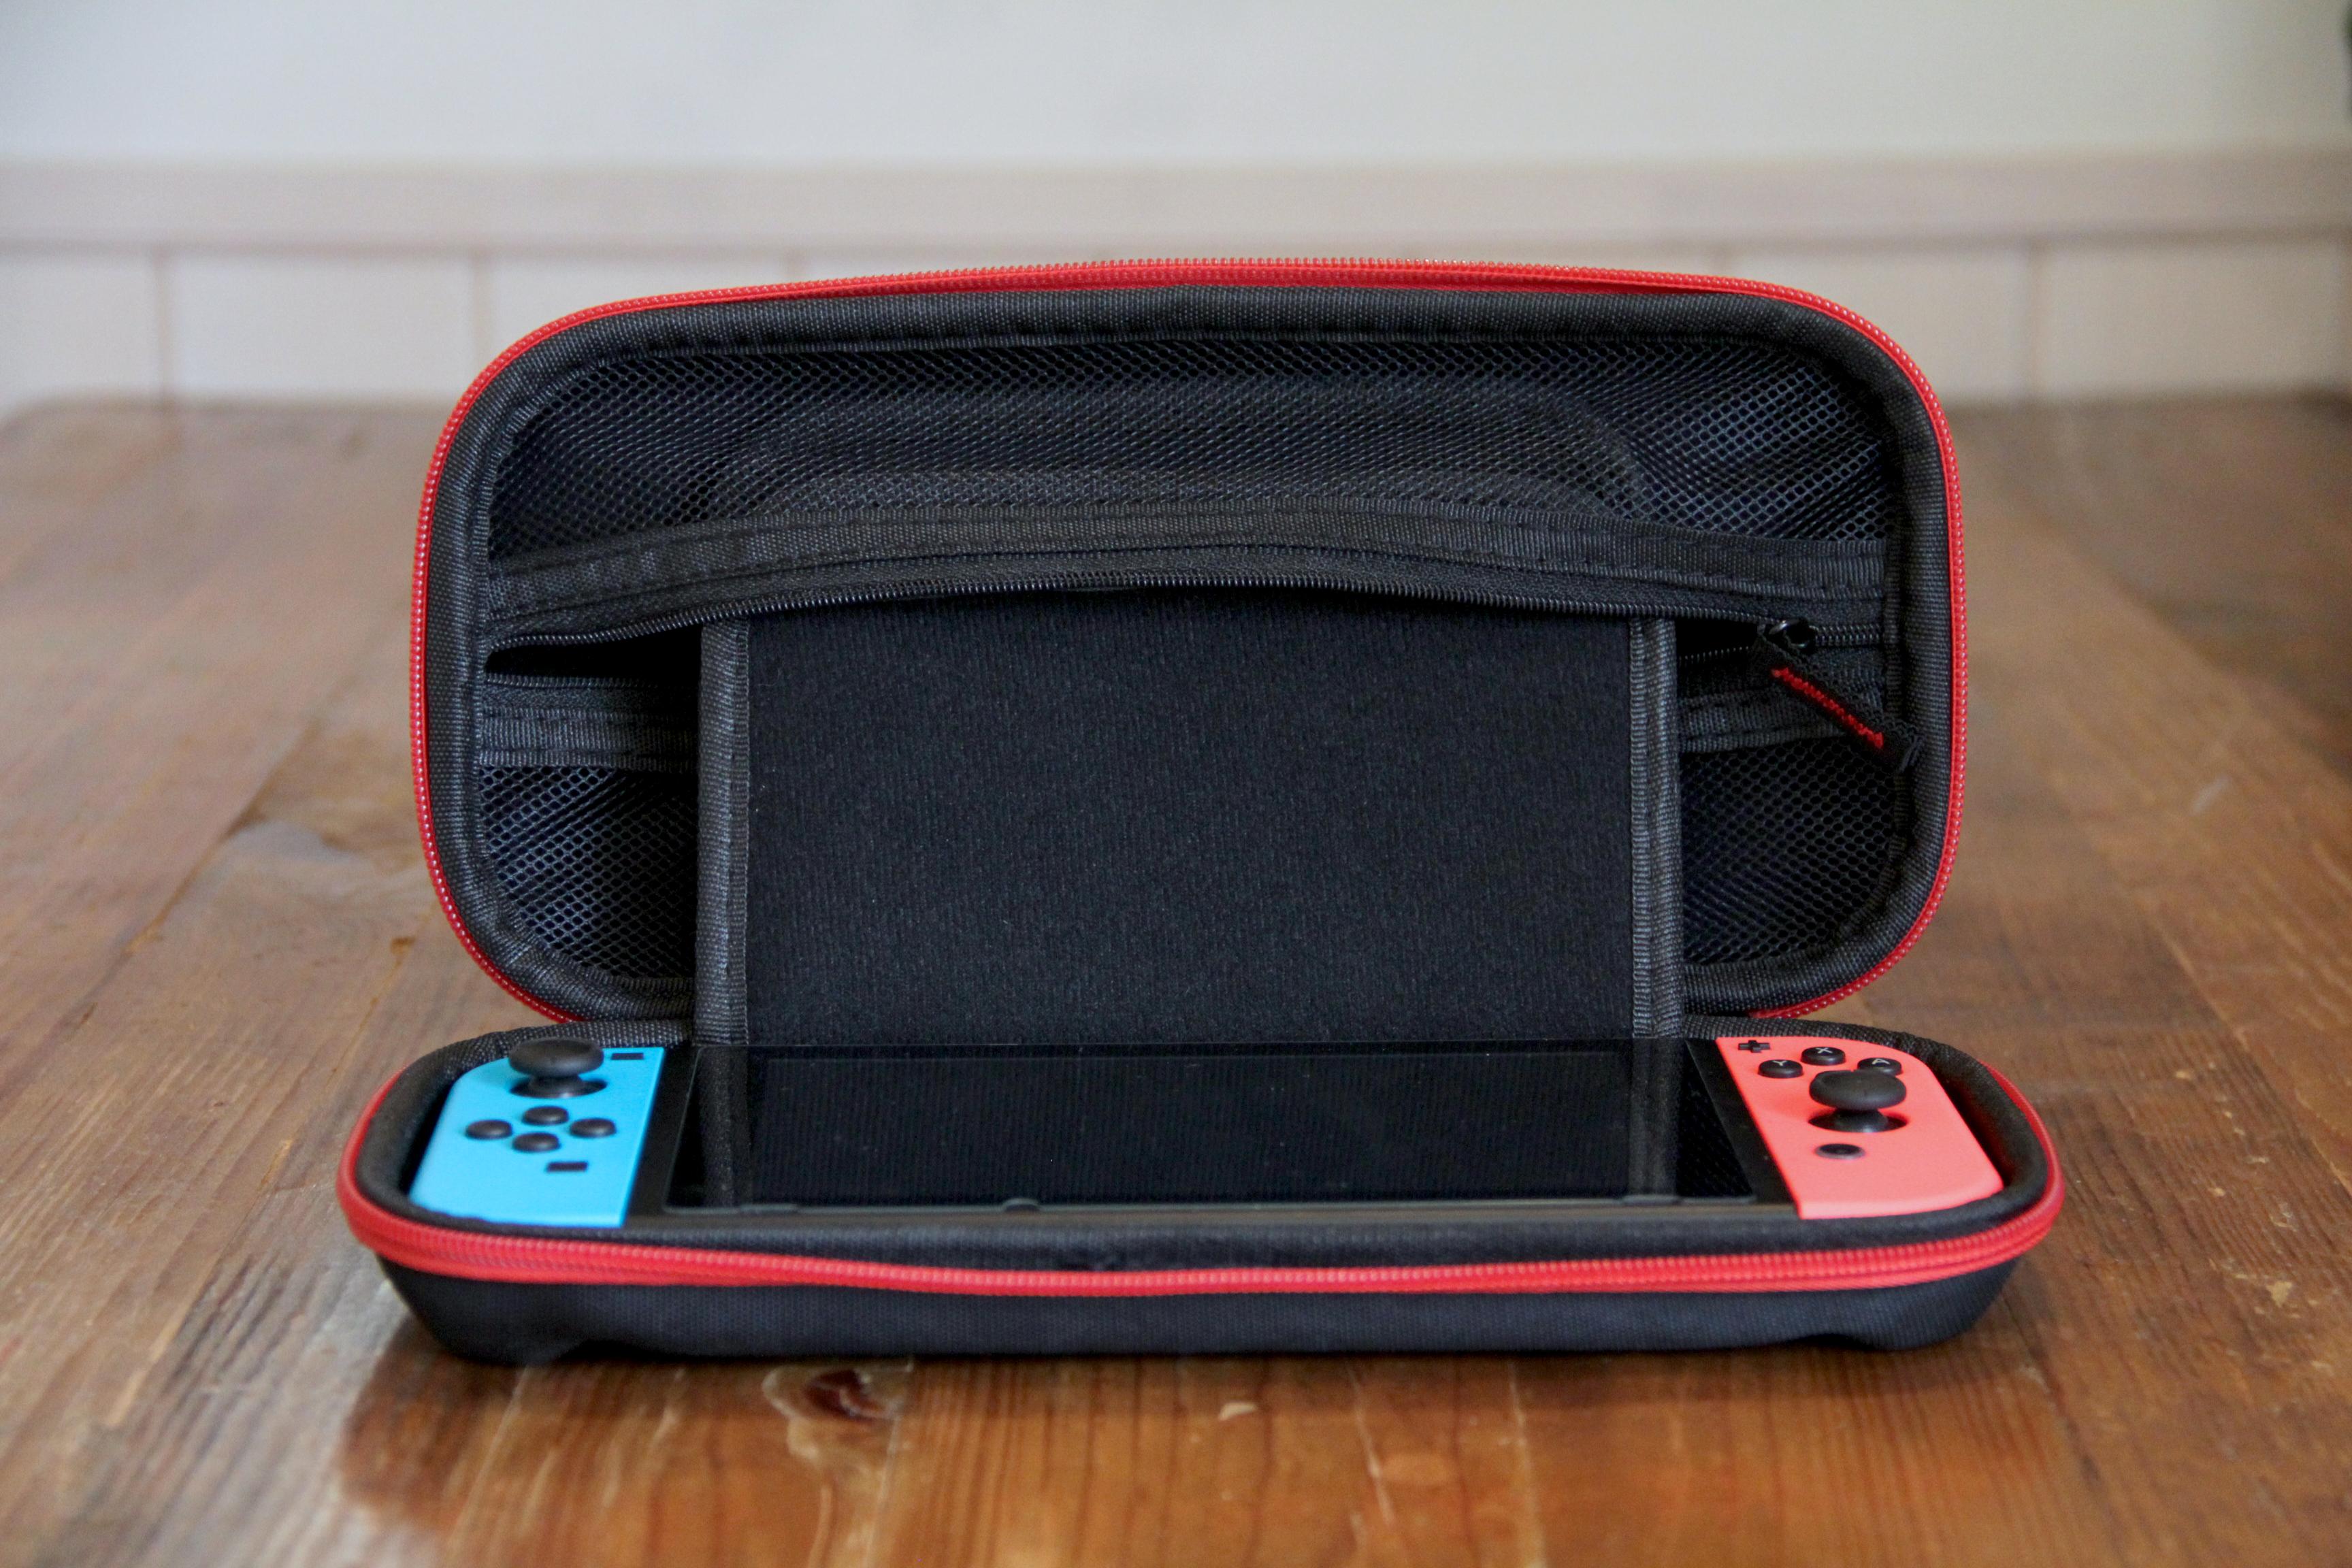 Nintendo switch保護キャリングケース|ハードケース写真④